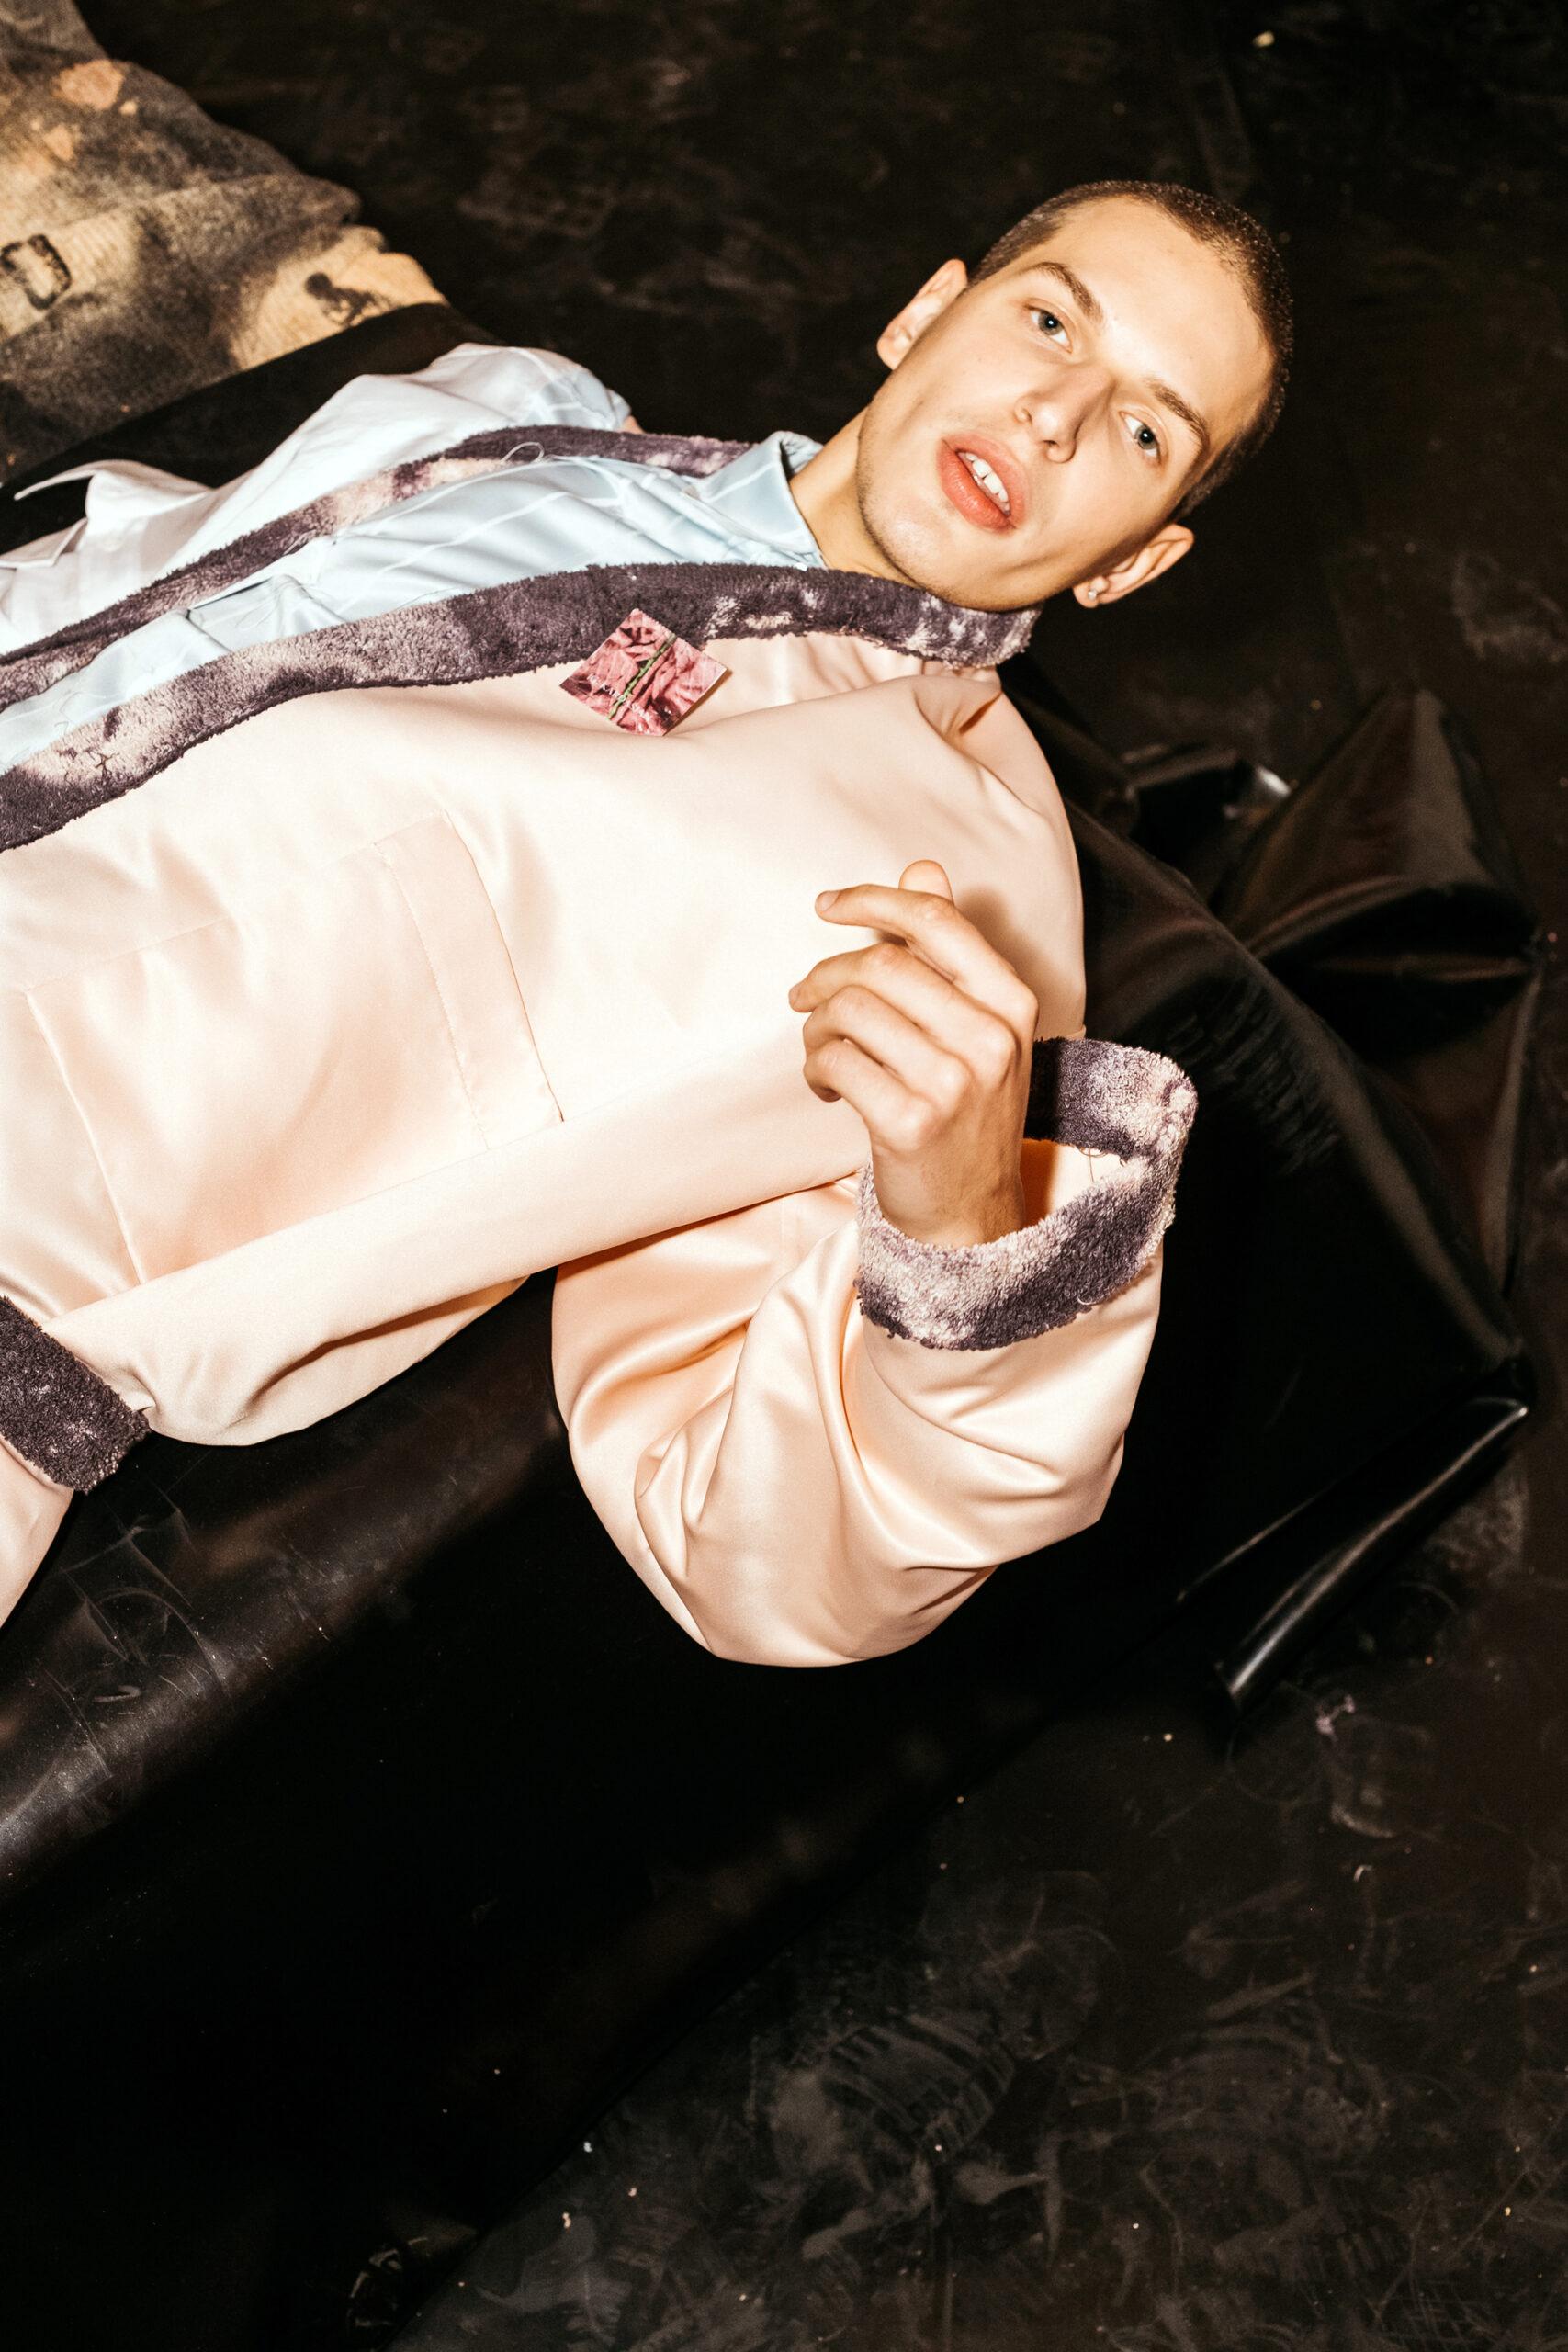 fashion photographer warsaw, kreatywny fotograf mody warszawa, npa photography, artystyczny fotograf warszawa